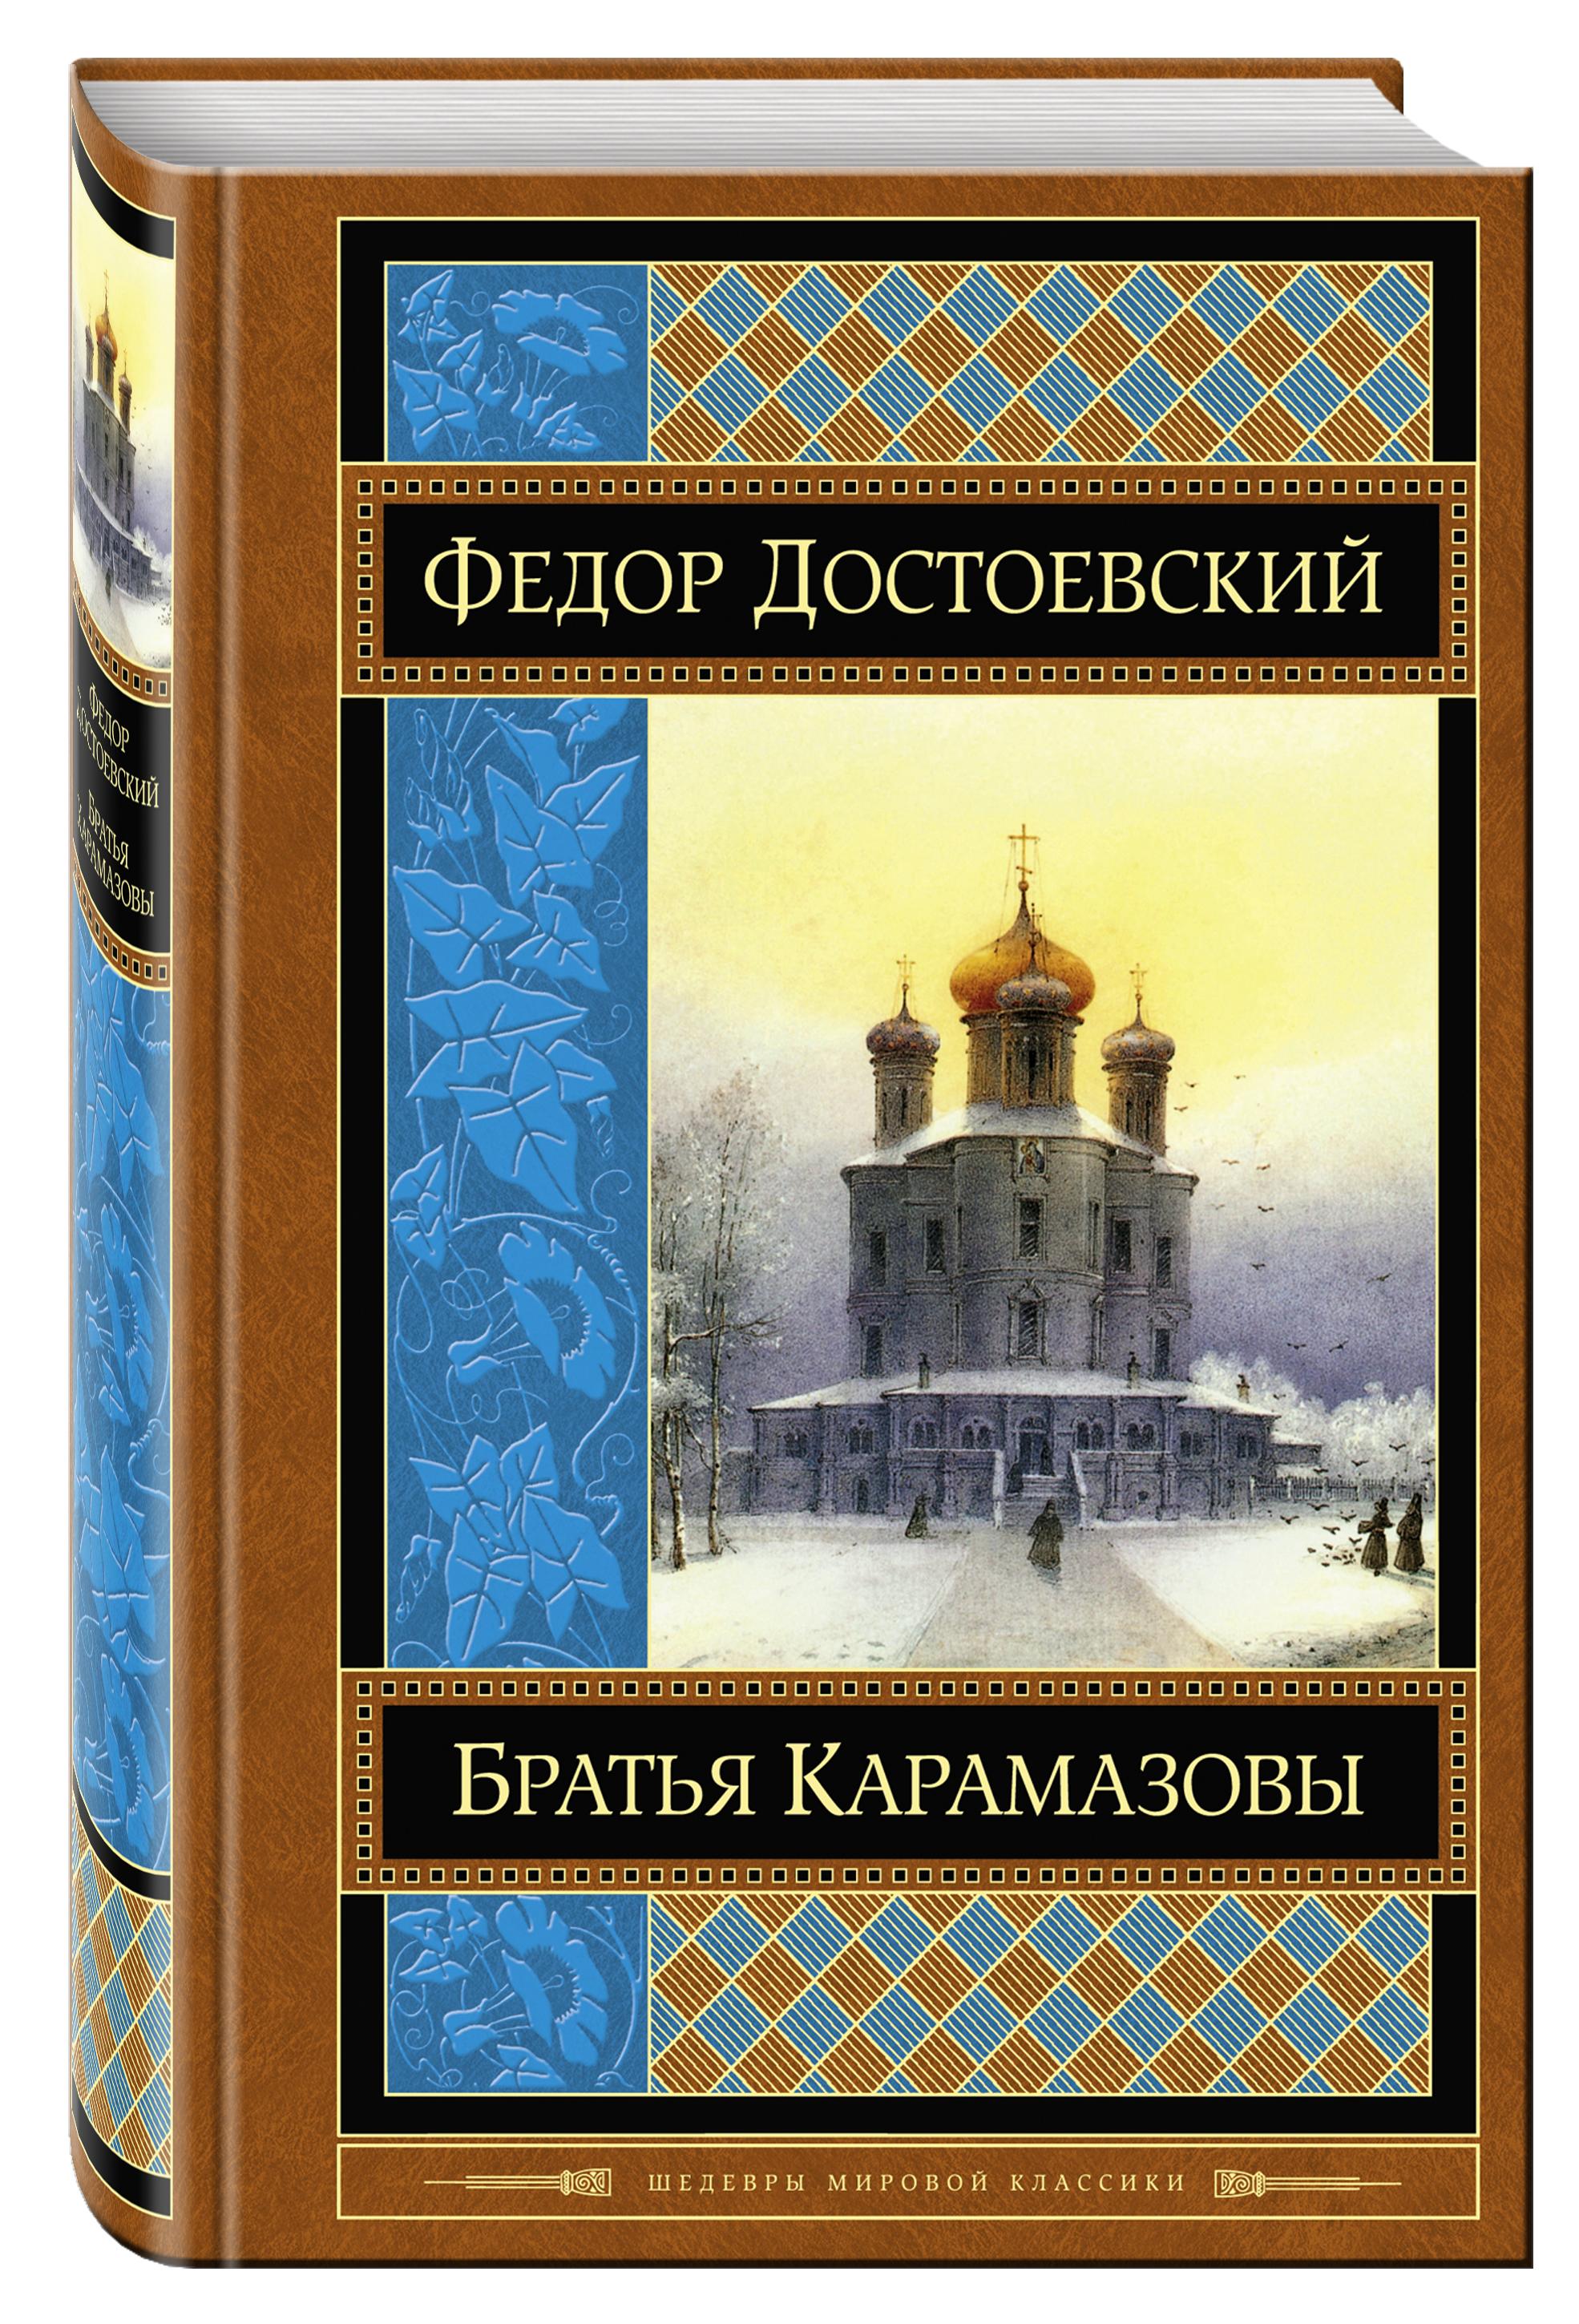 Достоевский Ф.М. Братья Карамазовы